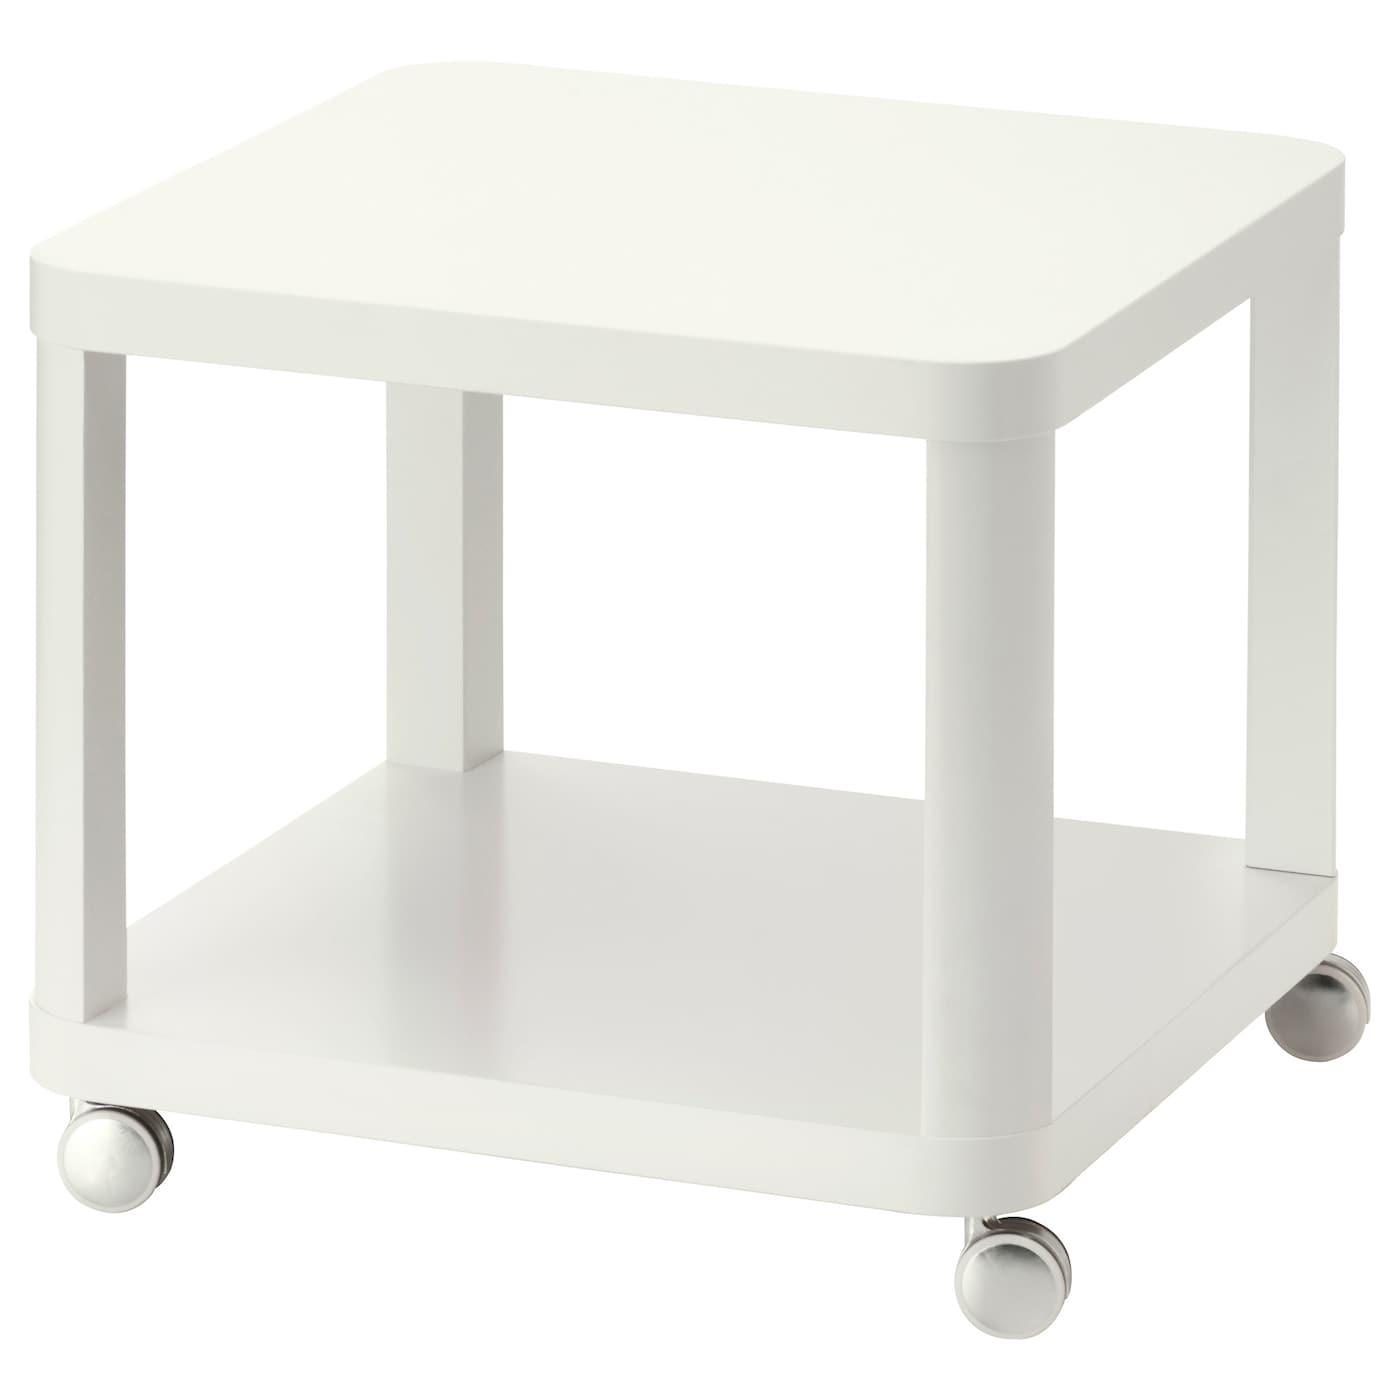 TINGBY Beistelltisch mit Rollen weiß 50x50 cm